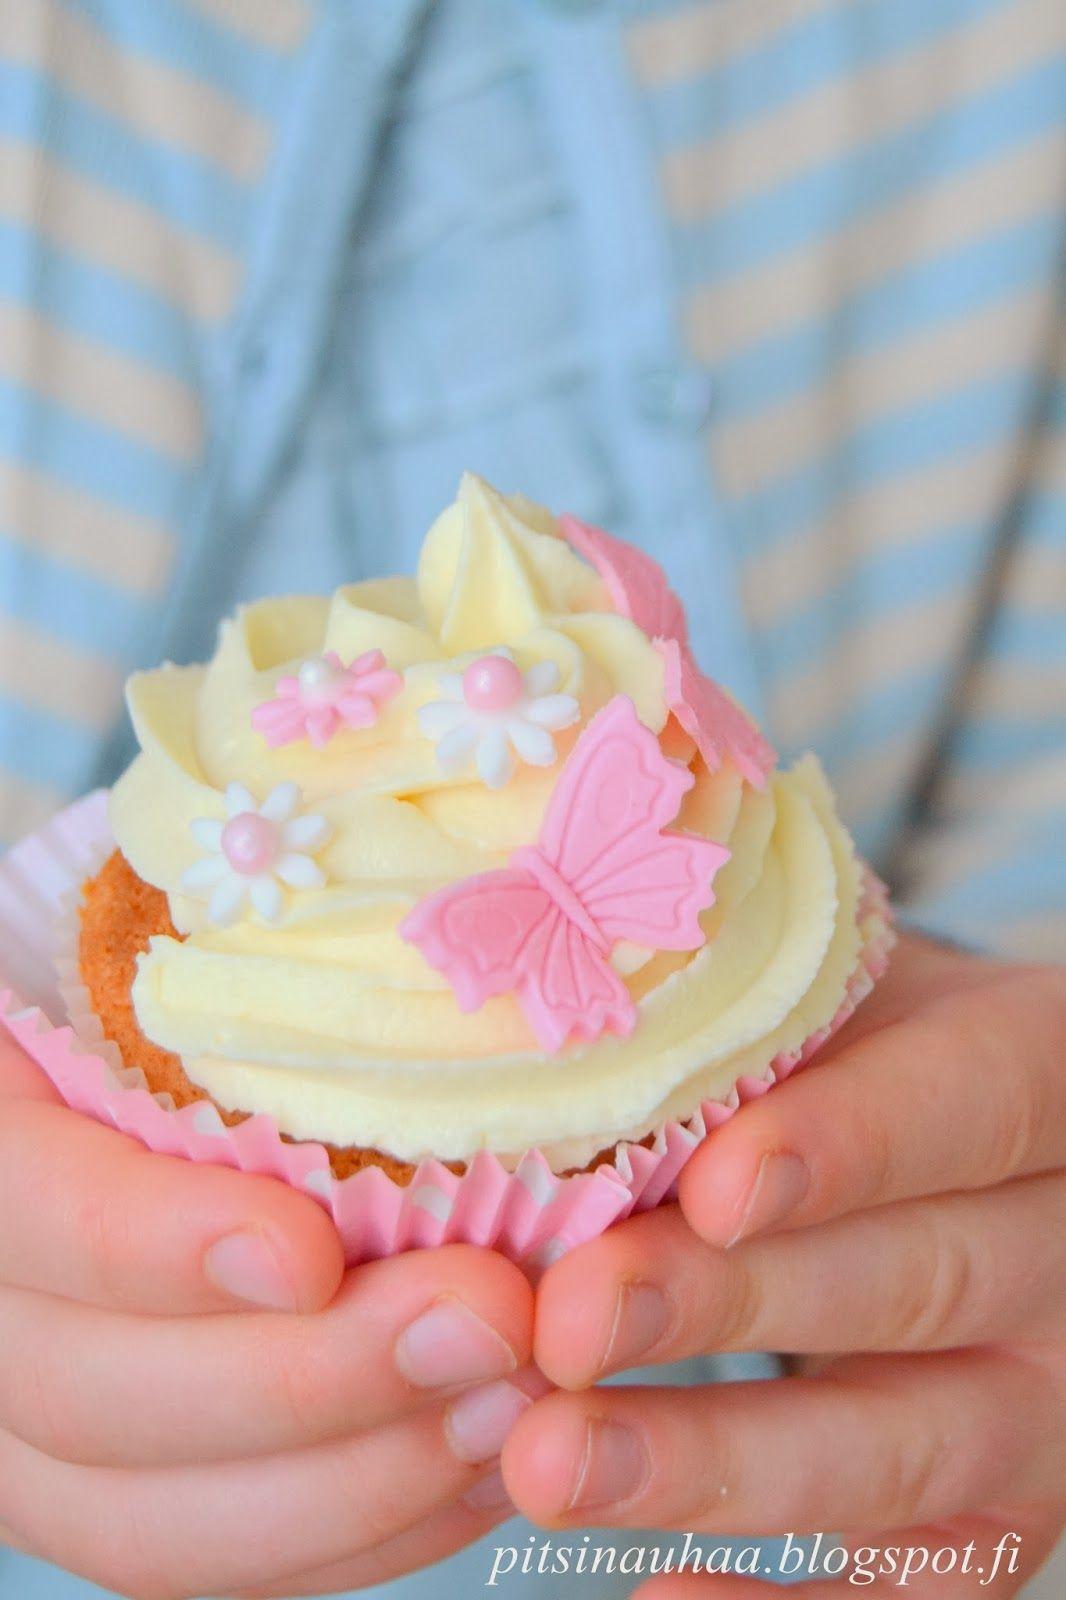 A lemony cupcake